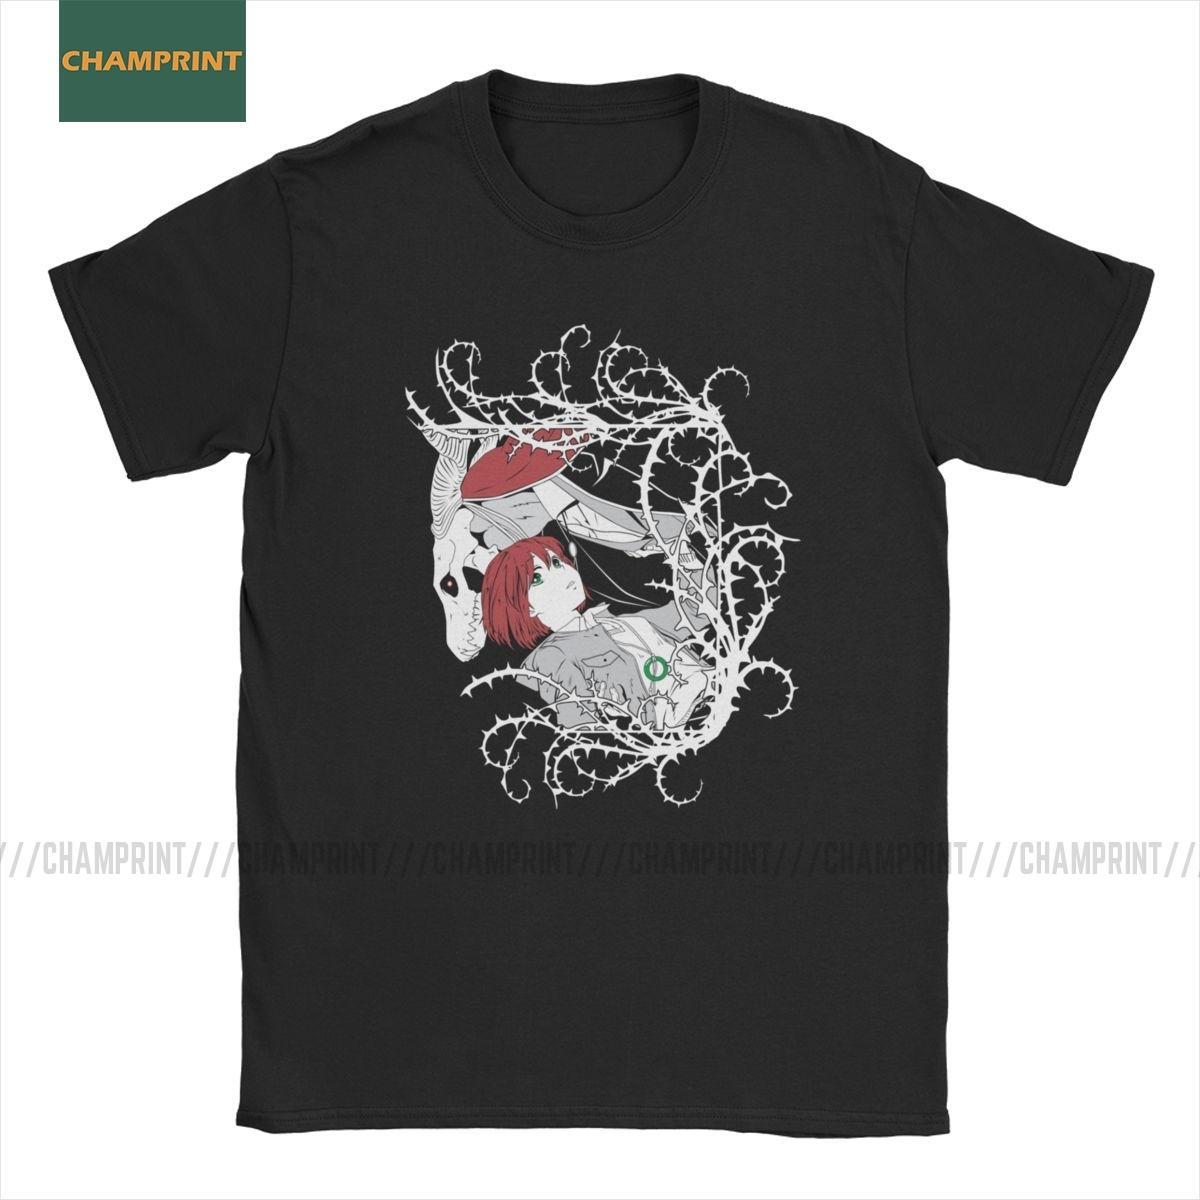 Erkekler Tişört Antik Magus Gelin T Gömlek Chise Ve Elias Pamuk Tee Gömlek Kısa Kollu Anime Ainsworth Manga Artı Boyutu Tops